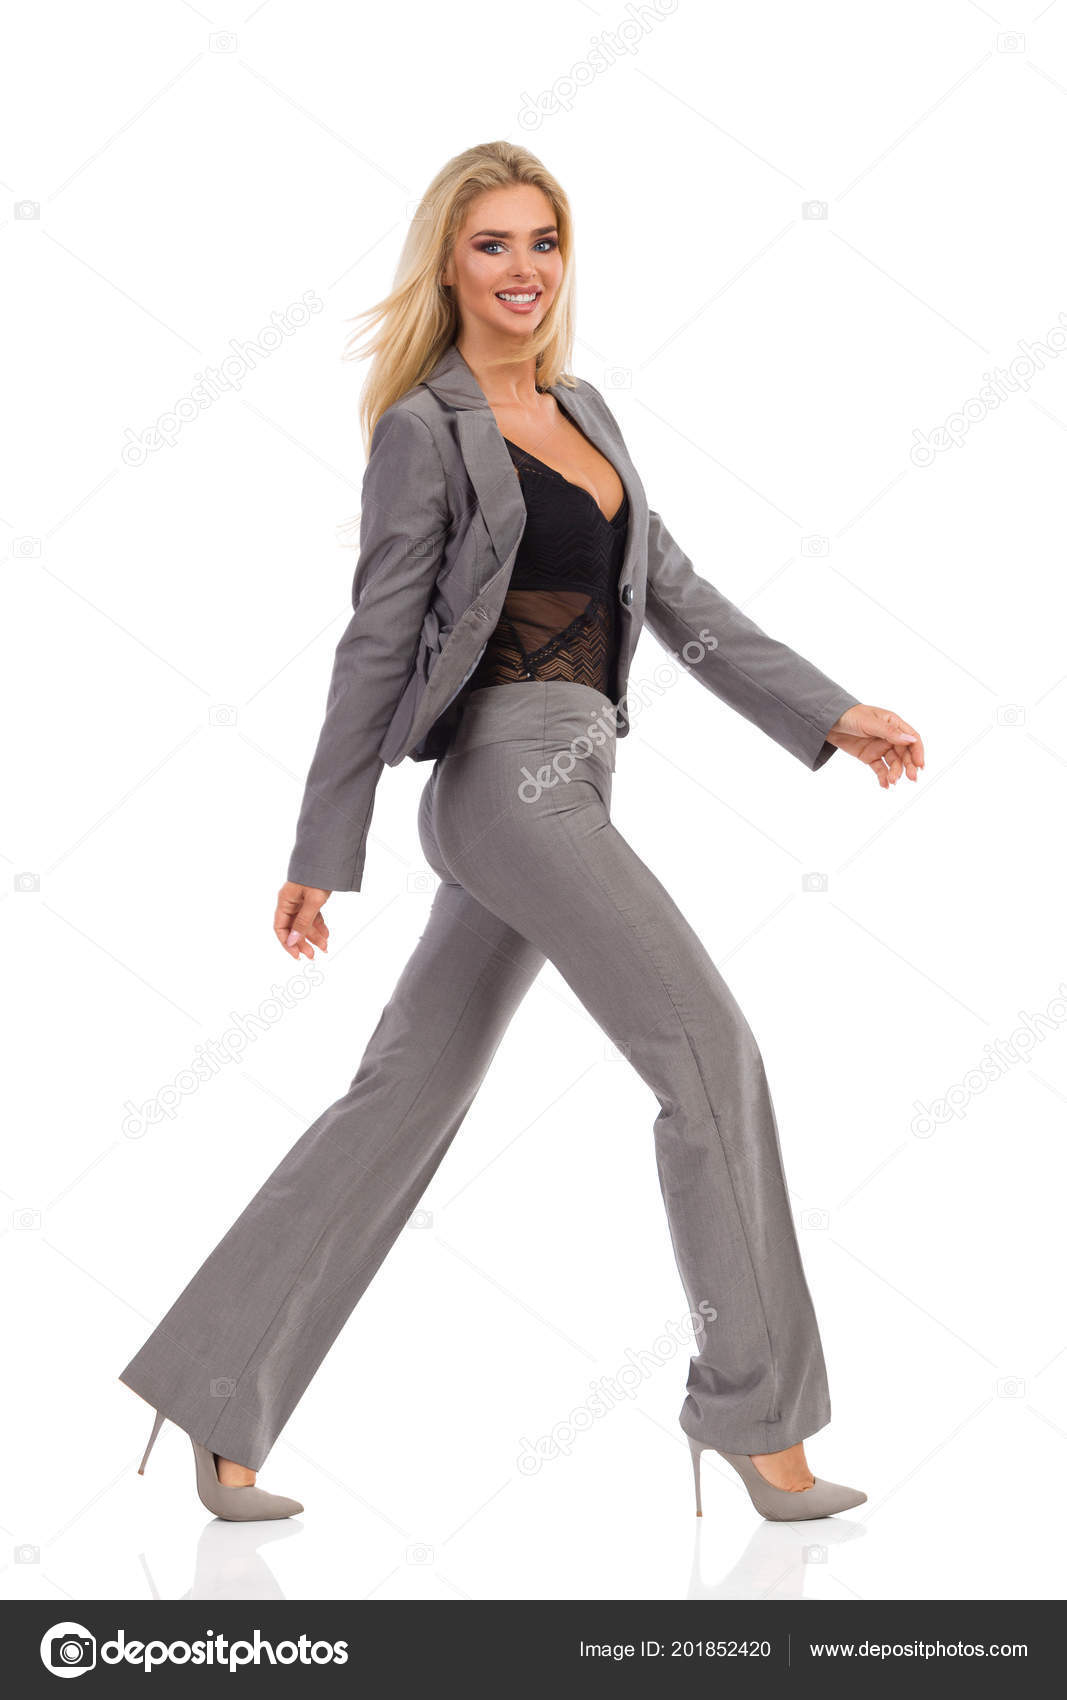 Feliz Hermosa Mujer Rubia Traje Gris Tacones Caminando Mirando Cámara —  Foto de Stock a858f8179a14